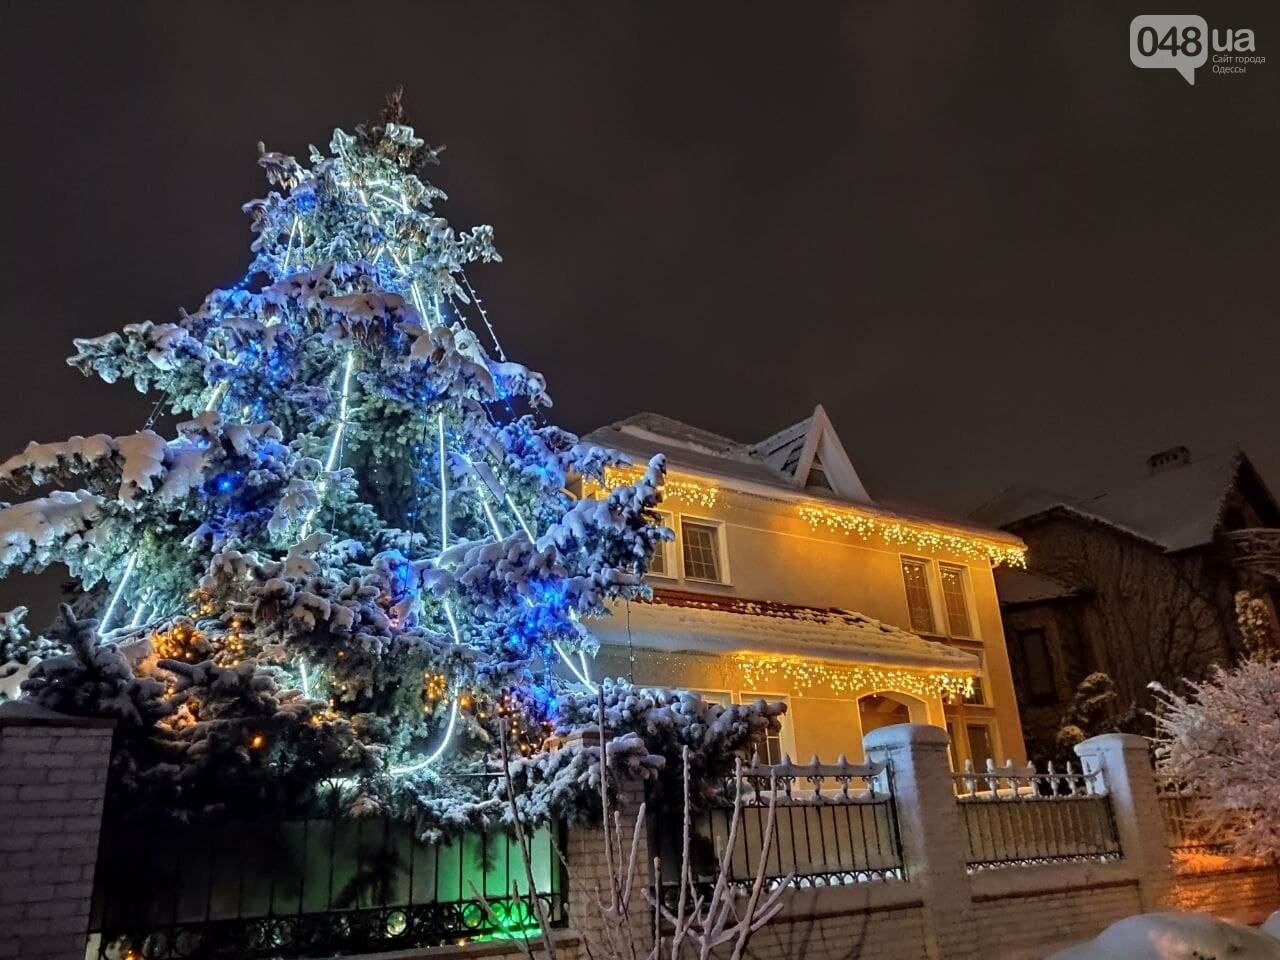 Зимняя сказка на одесской Рублевке: как выглядит Совиньон в снегу, - ФОТОРЕПОРТАЖ, фото-13